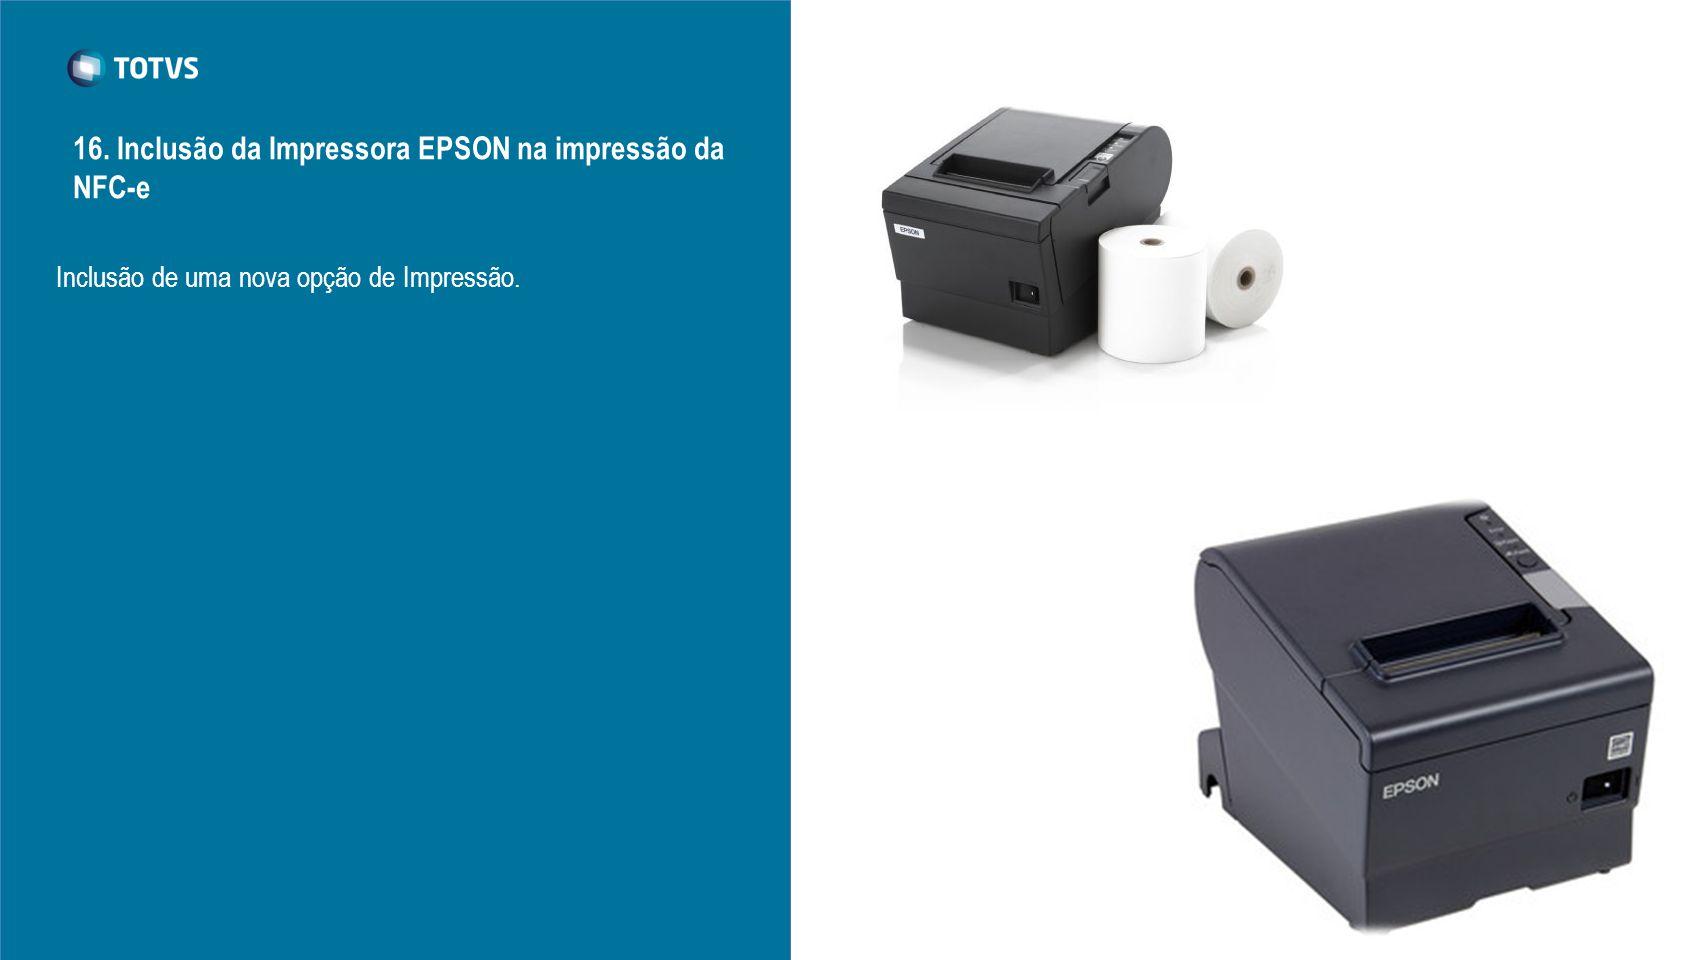 16. Inclusão da Impressora EPSON na impressão da NFC-e